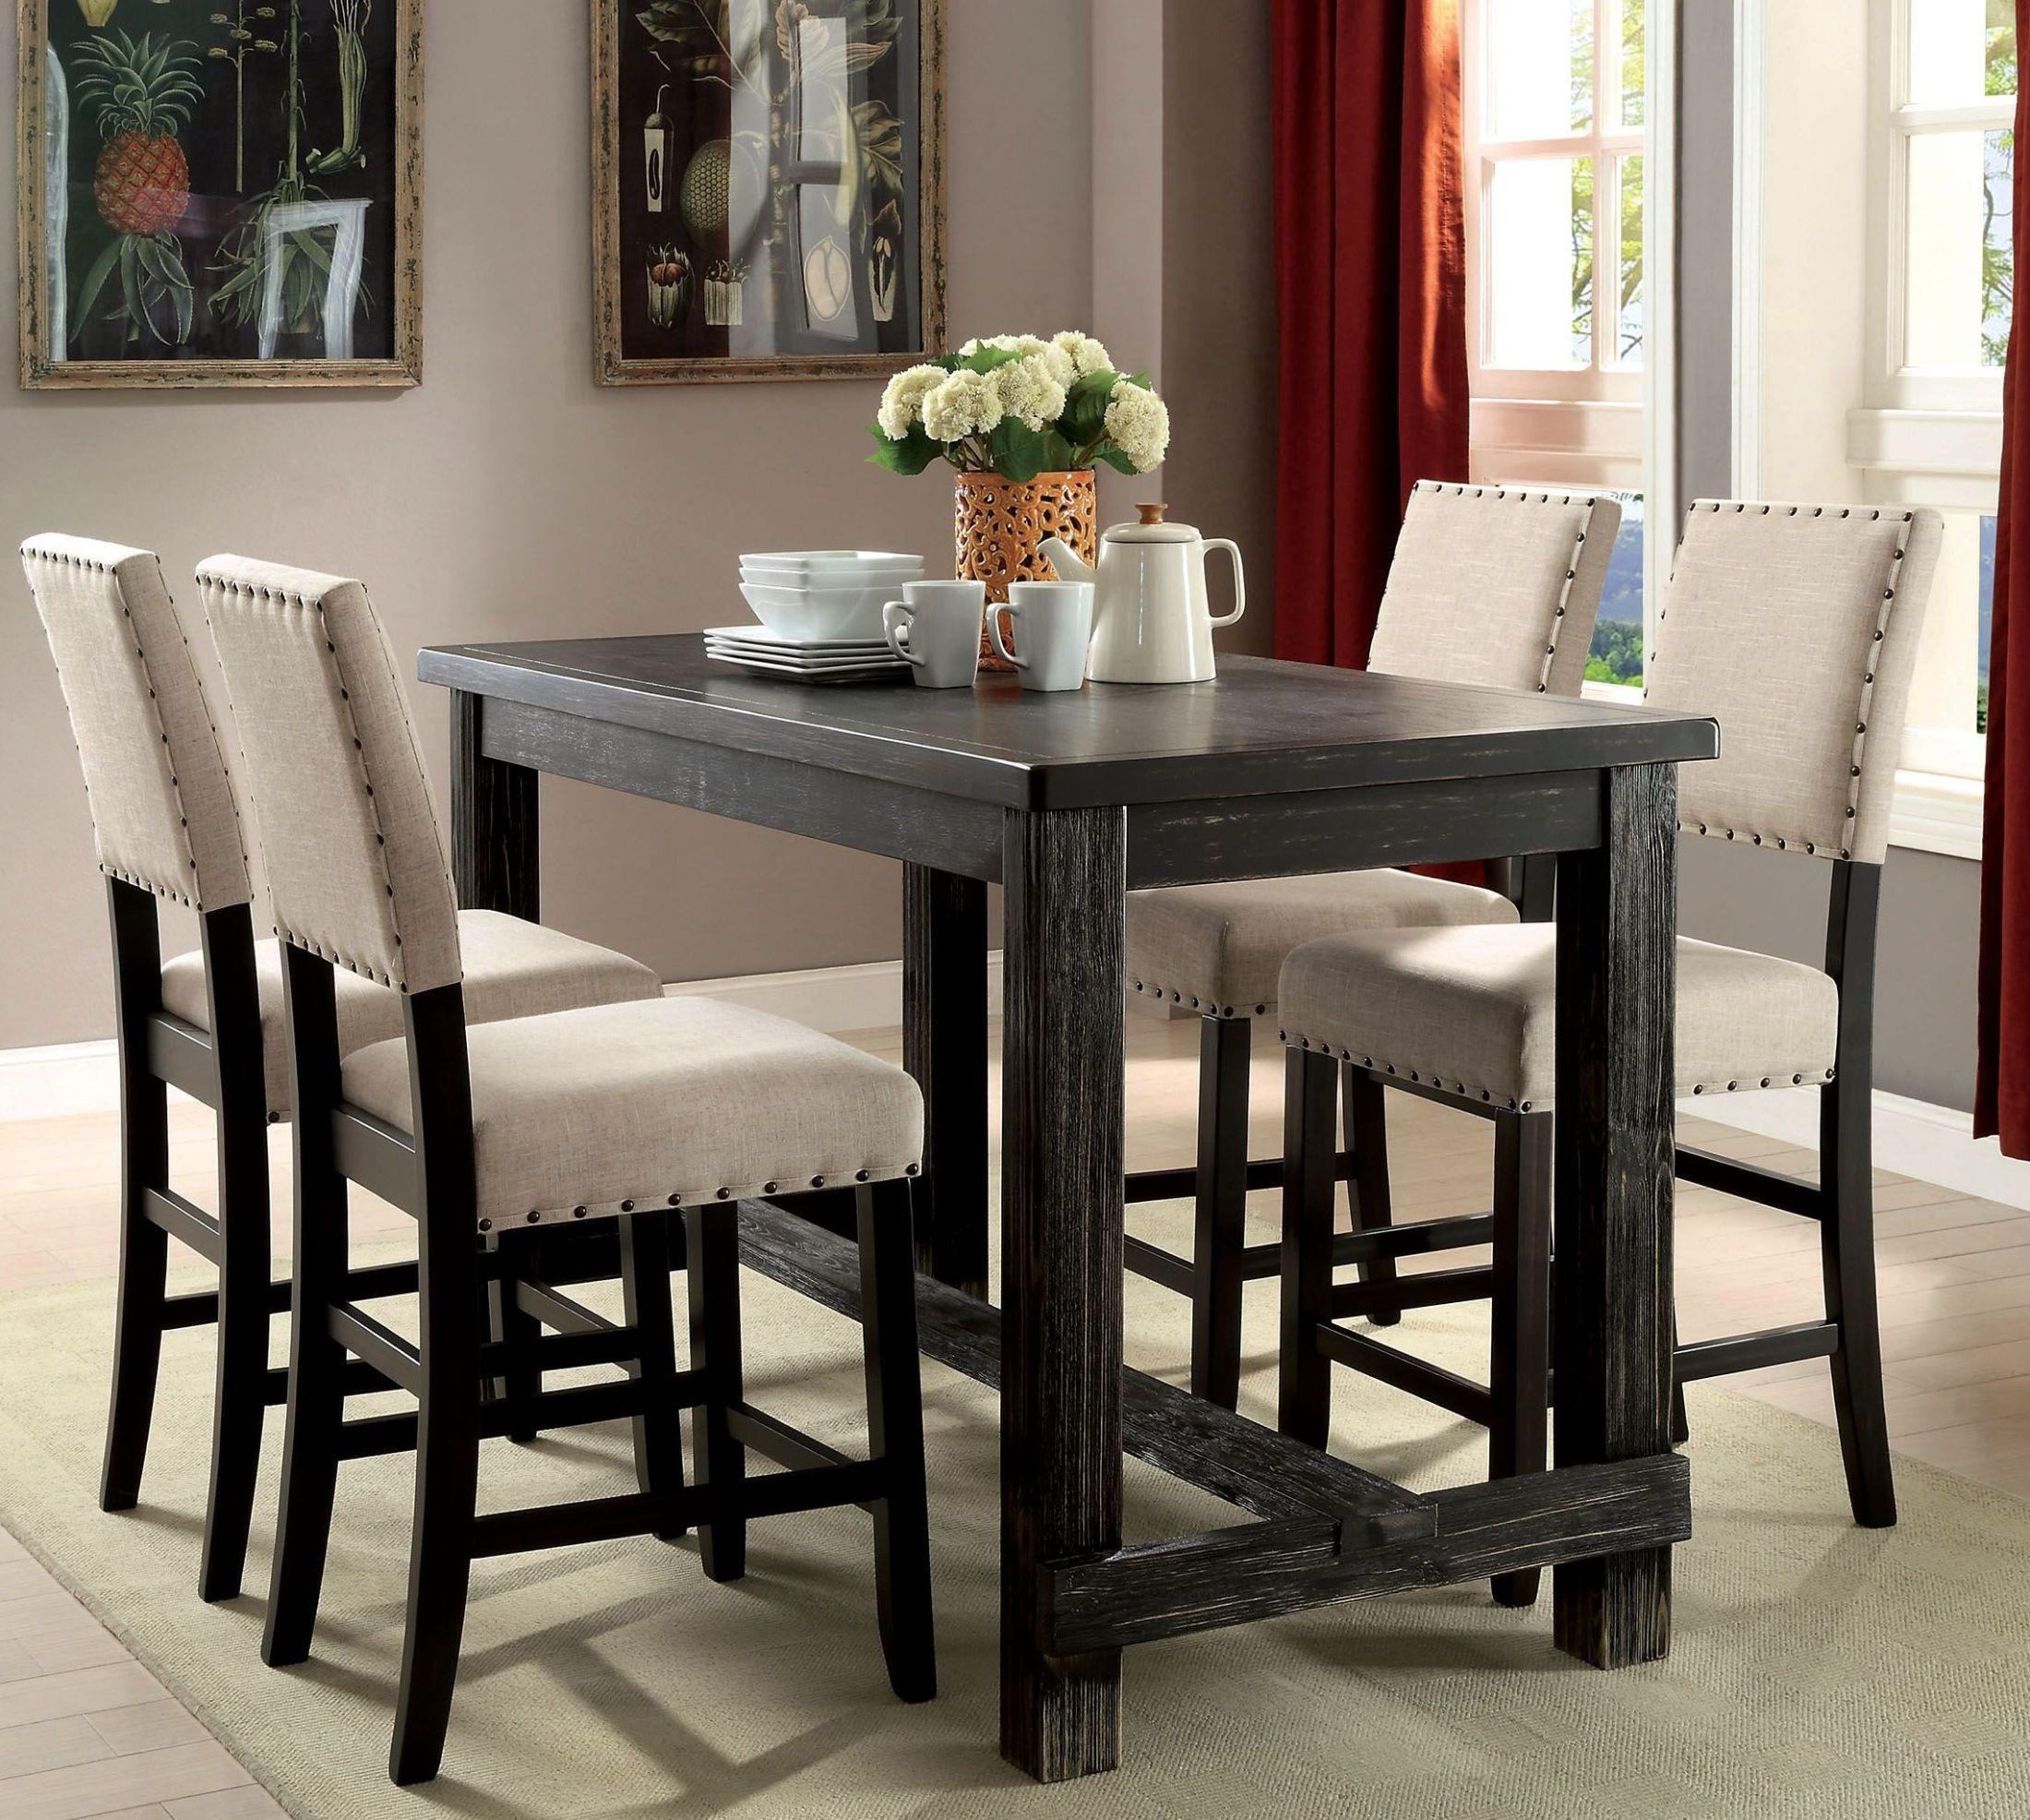 sania ii antique black counter height dining room set cm3324bk pt furniture of america. Black Bedroom Furniture Sets. Home Design Ideas